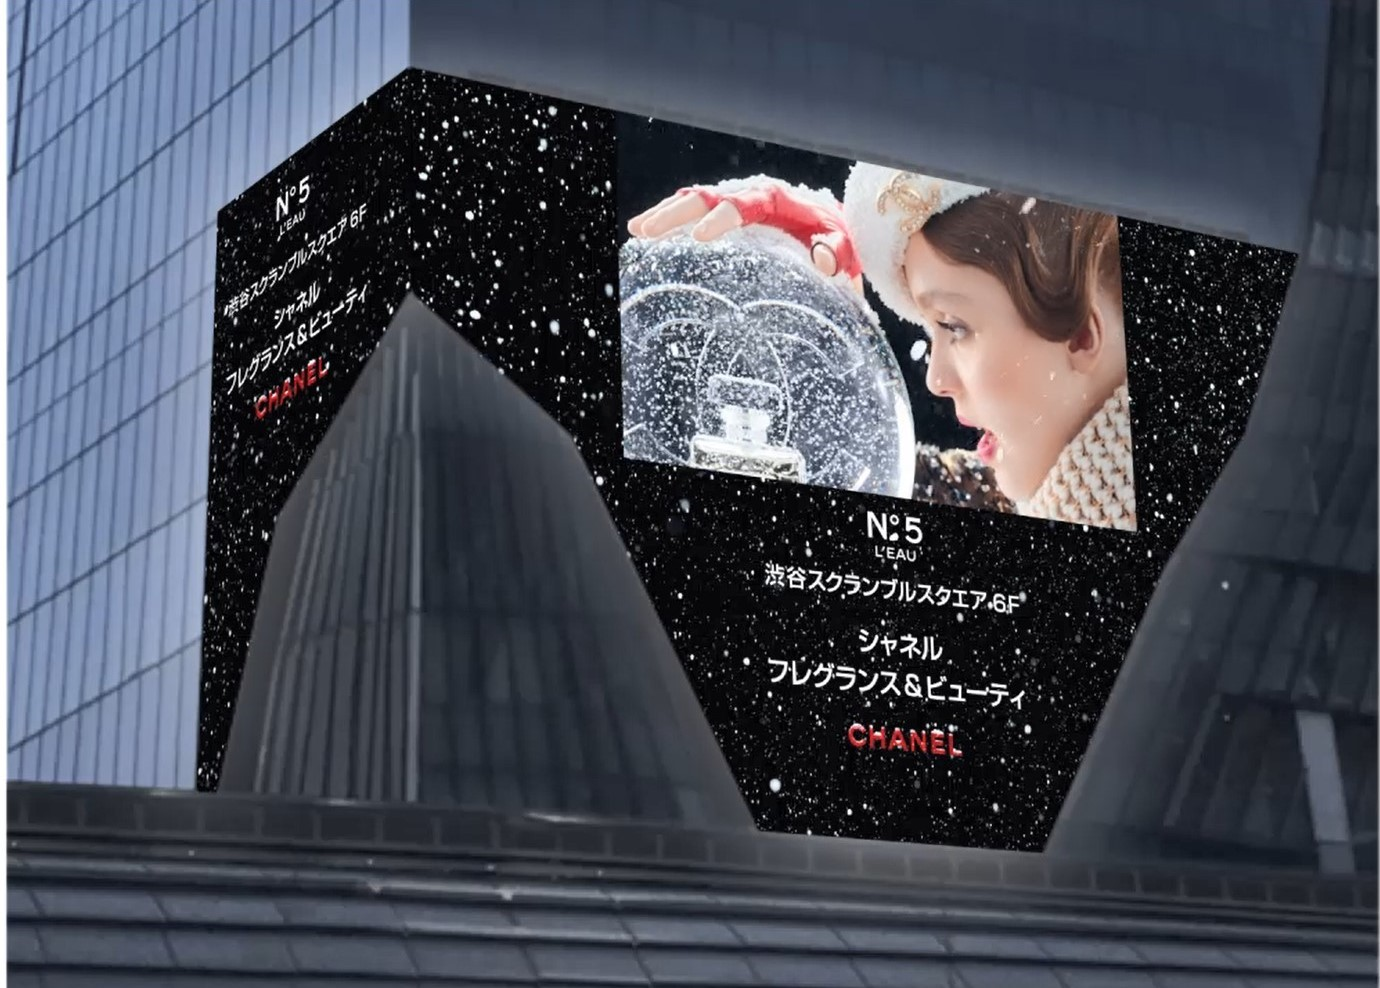 渋谷に『シャネル』のスノードームが出現! 2019クリスマスいちばんのフォトスポットを見逃さないで♡_3